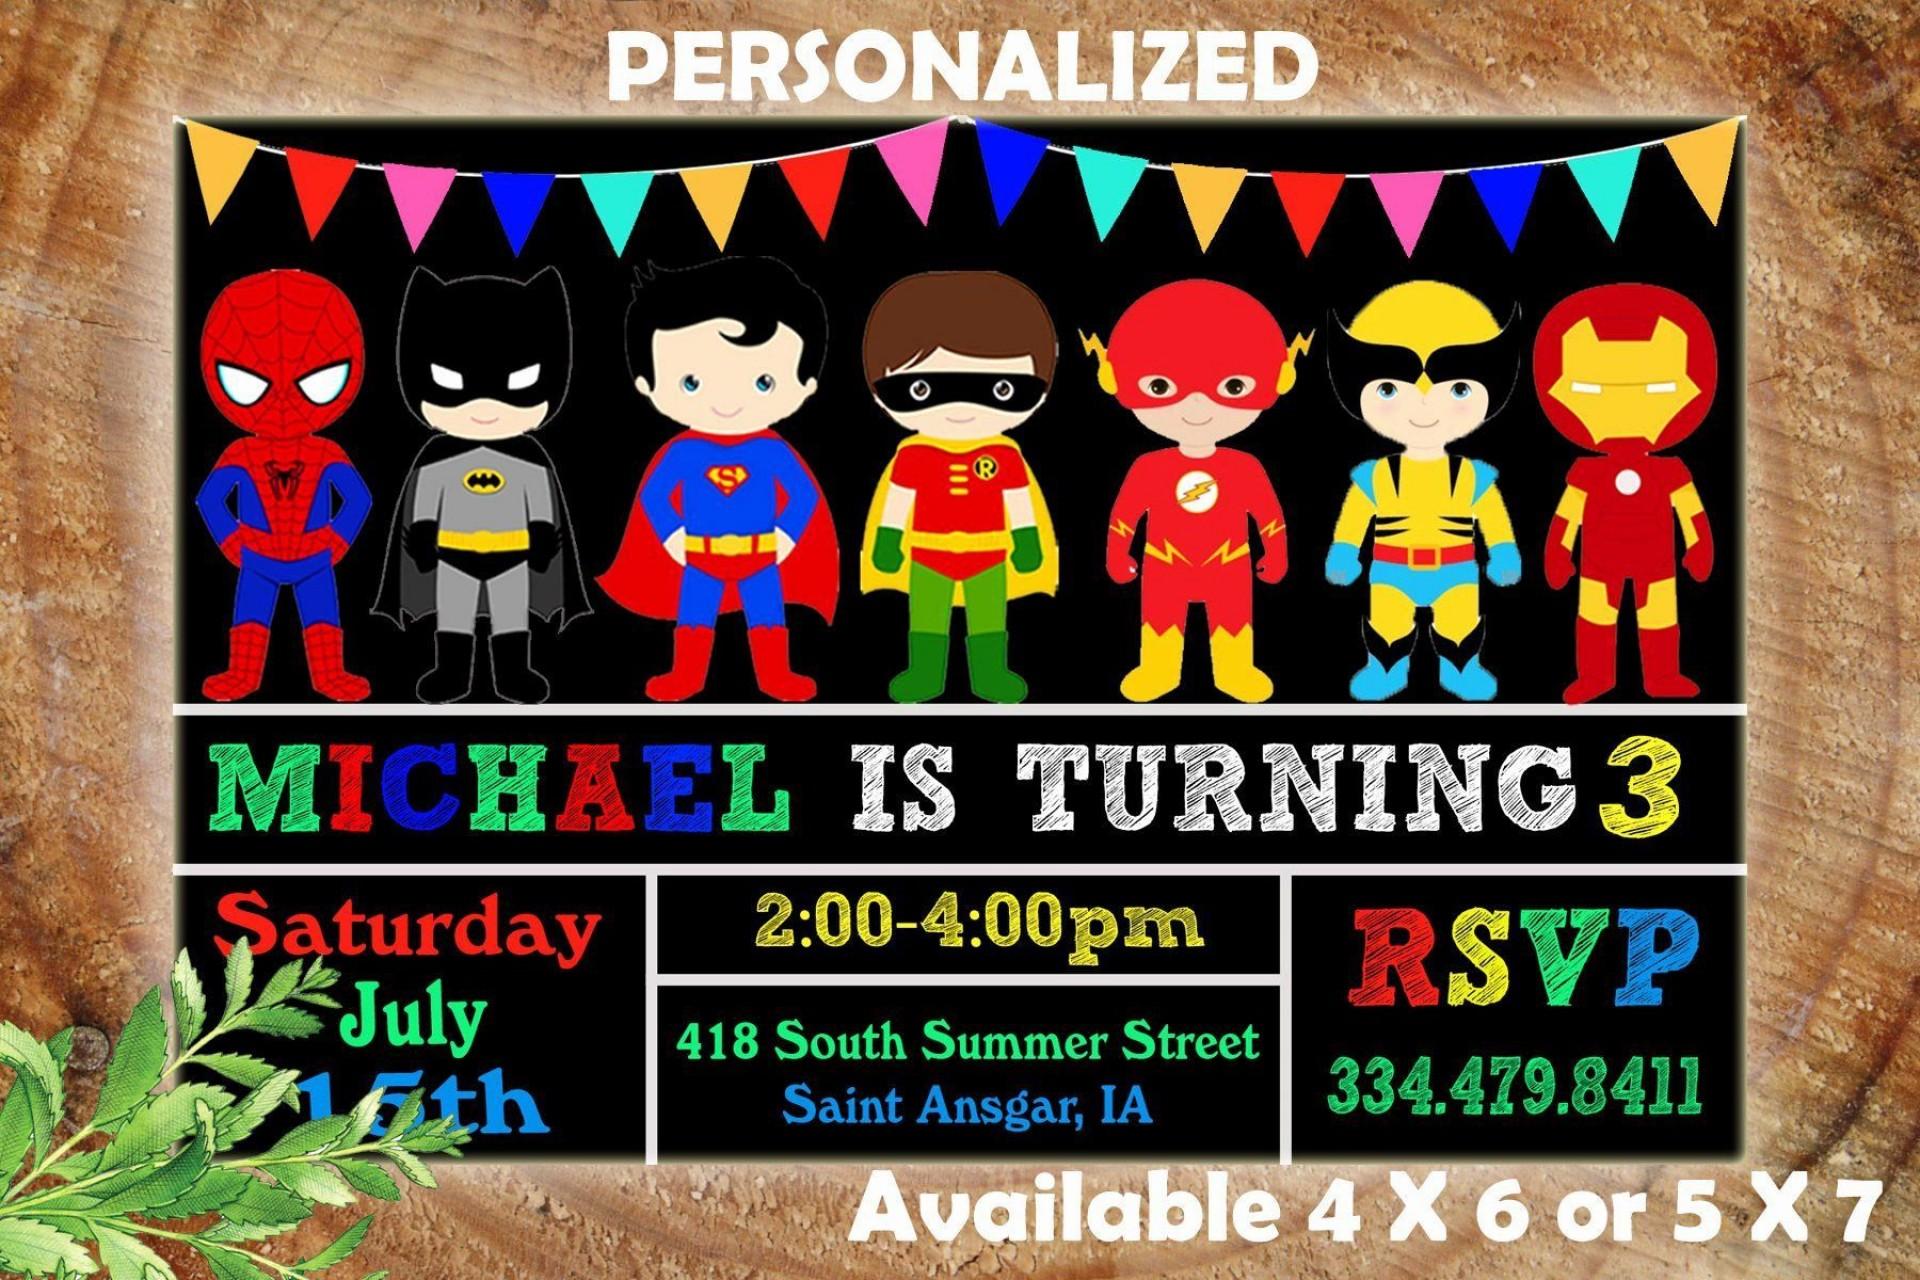 001 Unforgettable Superhero Birthday Party Invitation Template Free Design  Invite1920